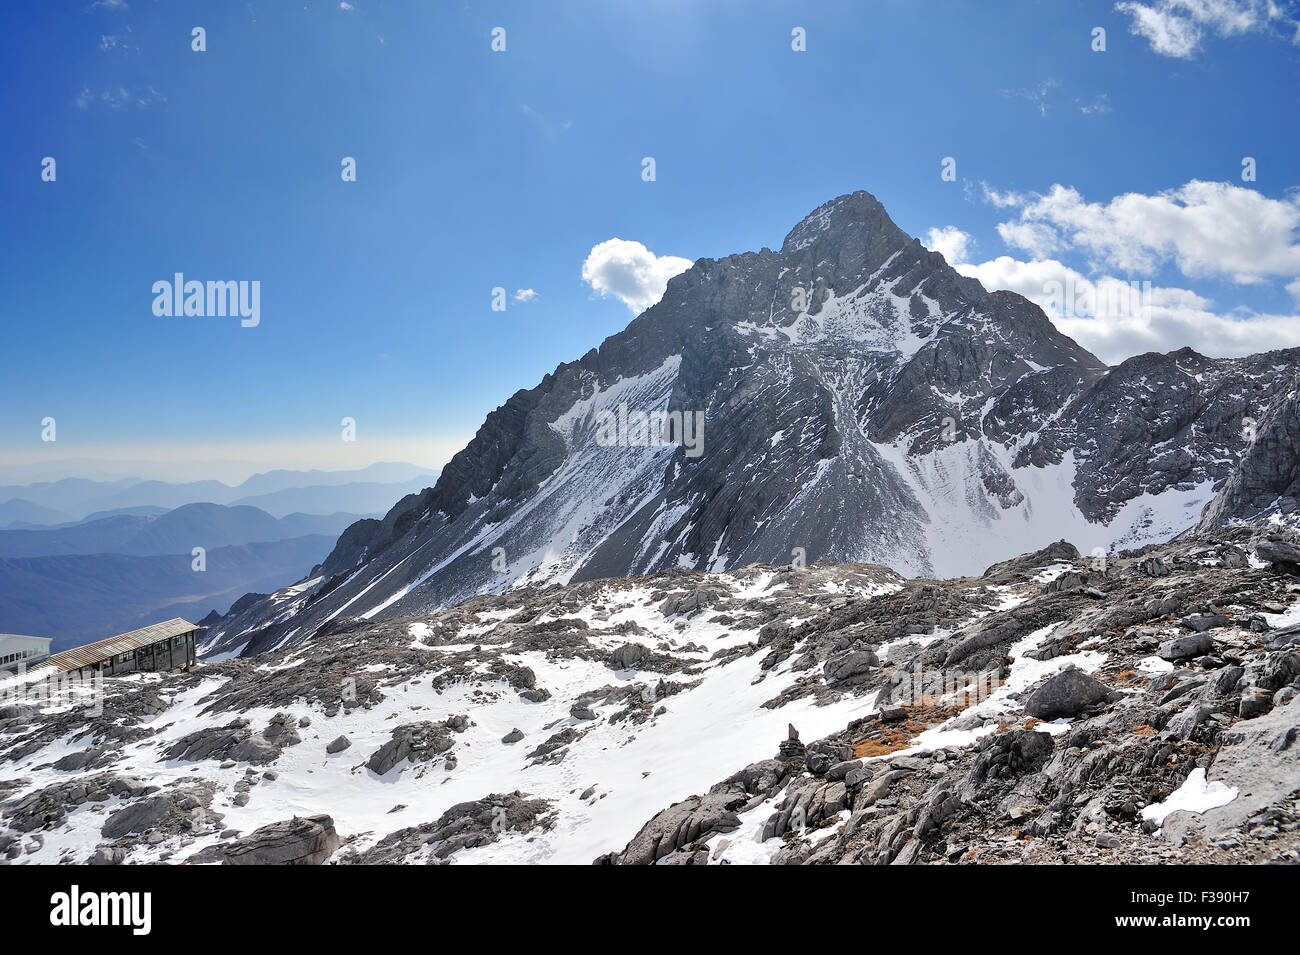 Yulong Snow Mountain in Yunnan, China - Stock Image